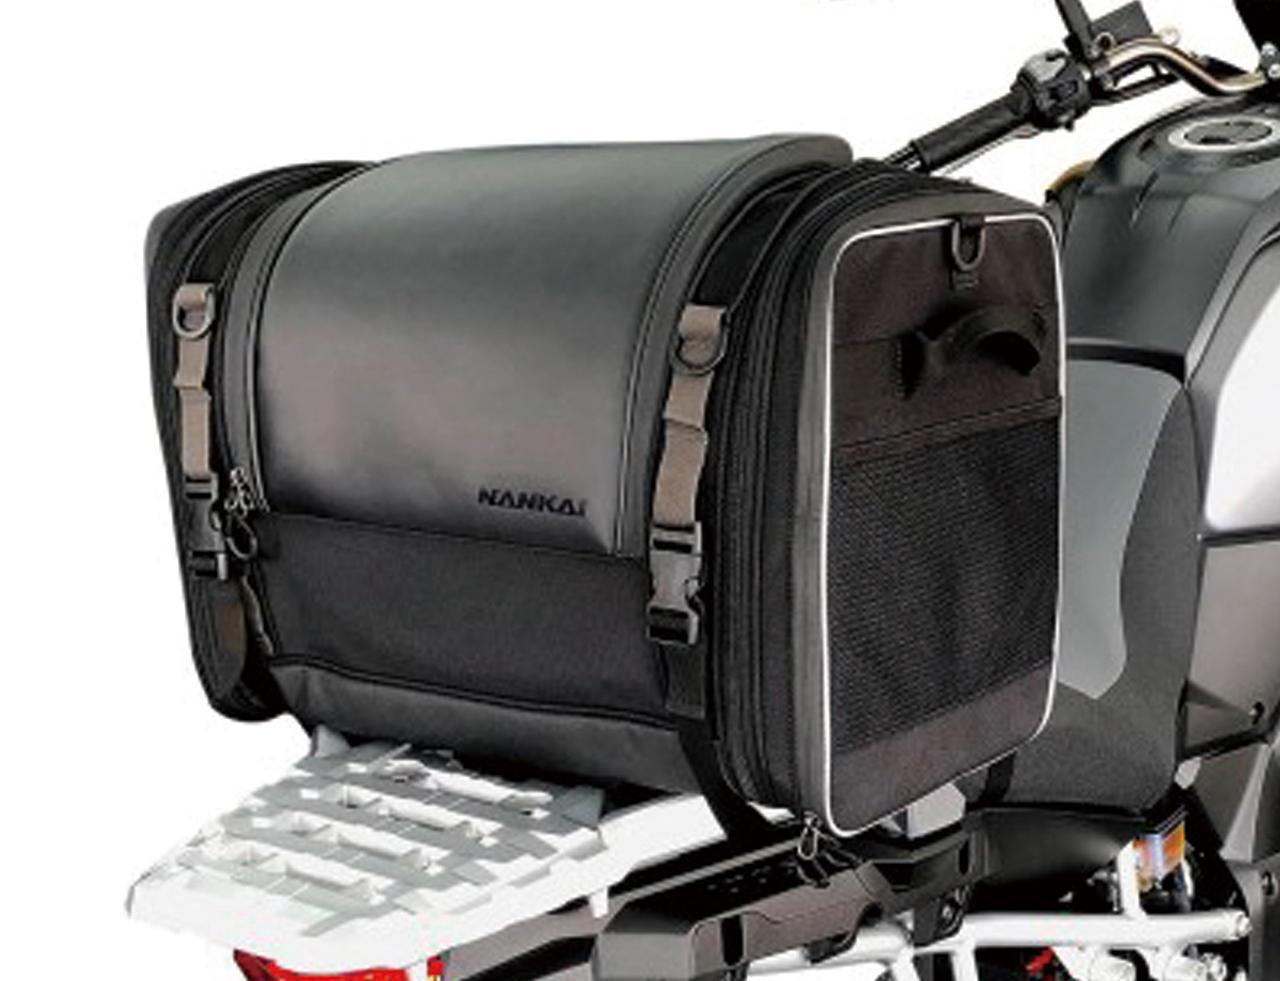 画像: BA-308 コンフォートシートバッグ 税込価格:1万7380円 インナーバッグは防水仕様 [容量]  約52~67L [サイズ]H350×W500~650×D330(mm) [付属品] 装着用H型ベルト、固定用補助ベルト(×4)、ショルダーベルト